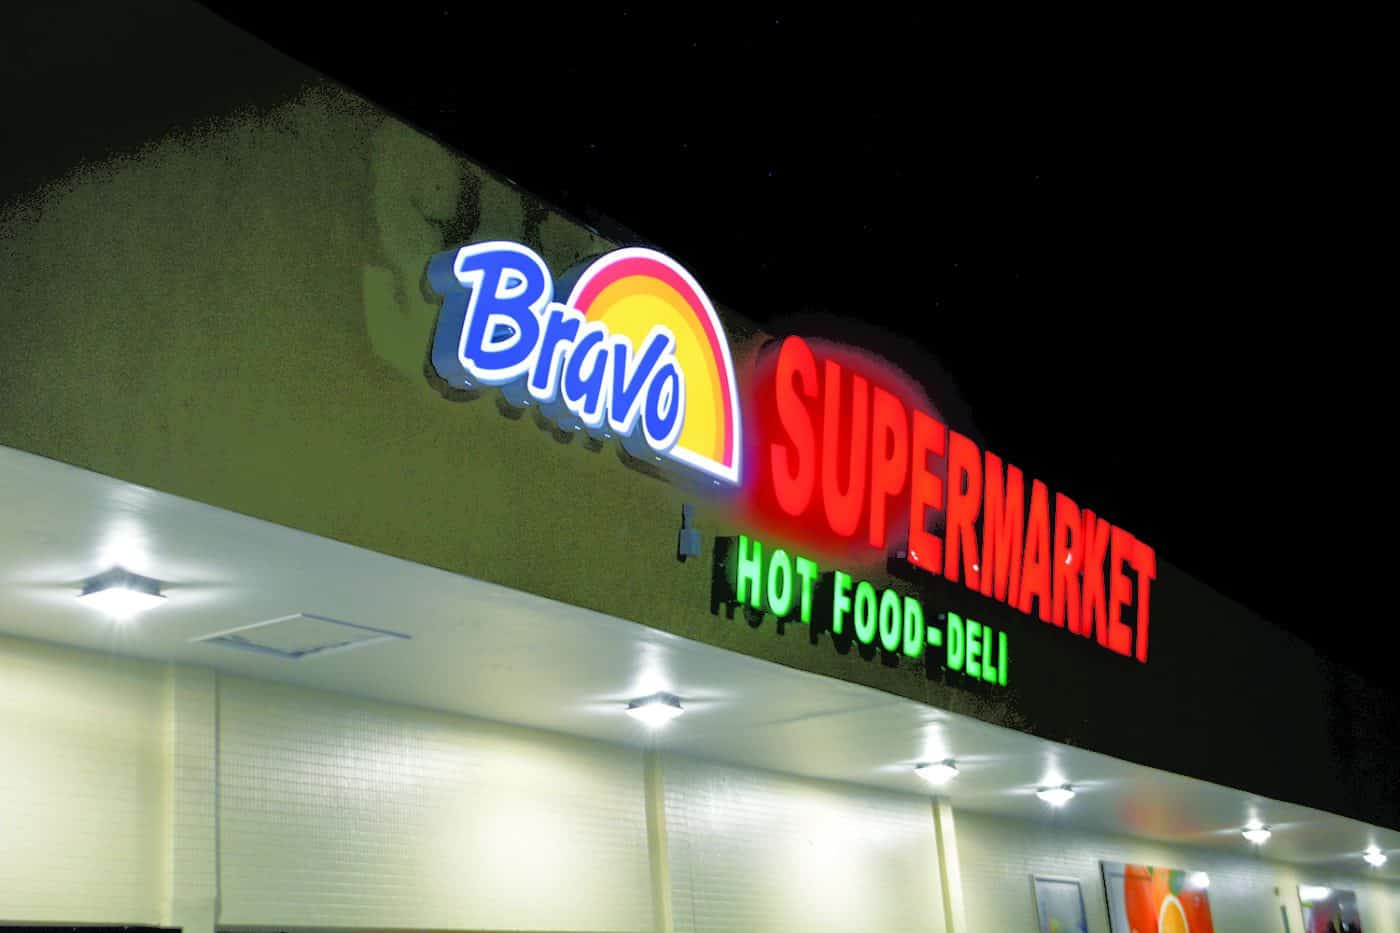 Supermercado Bravo